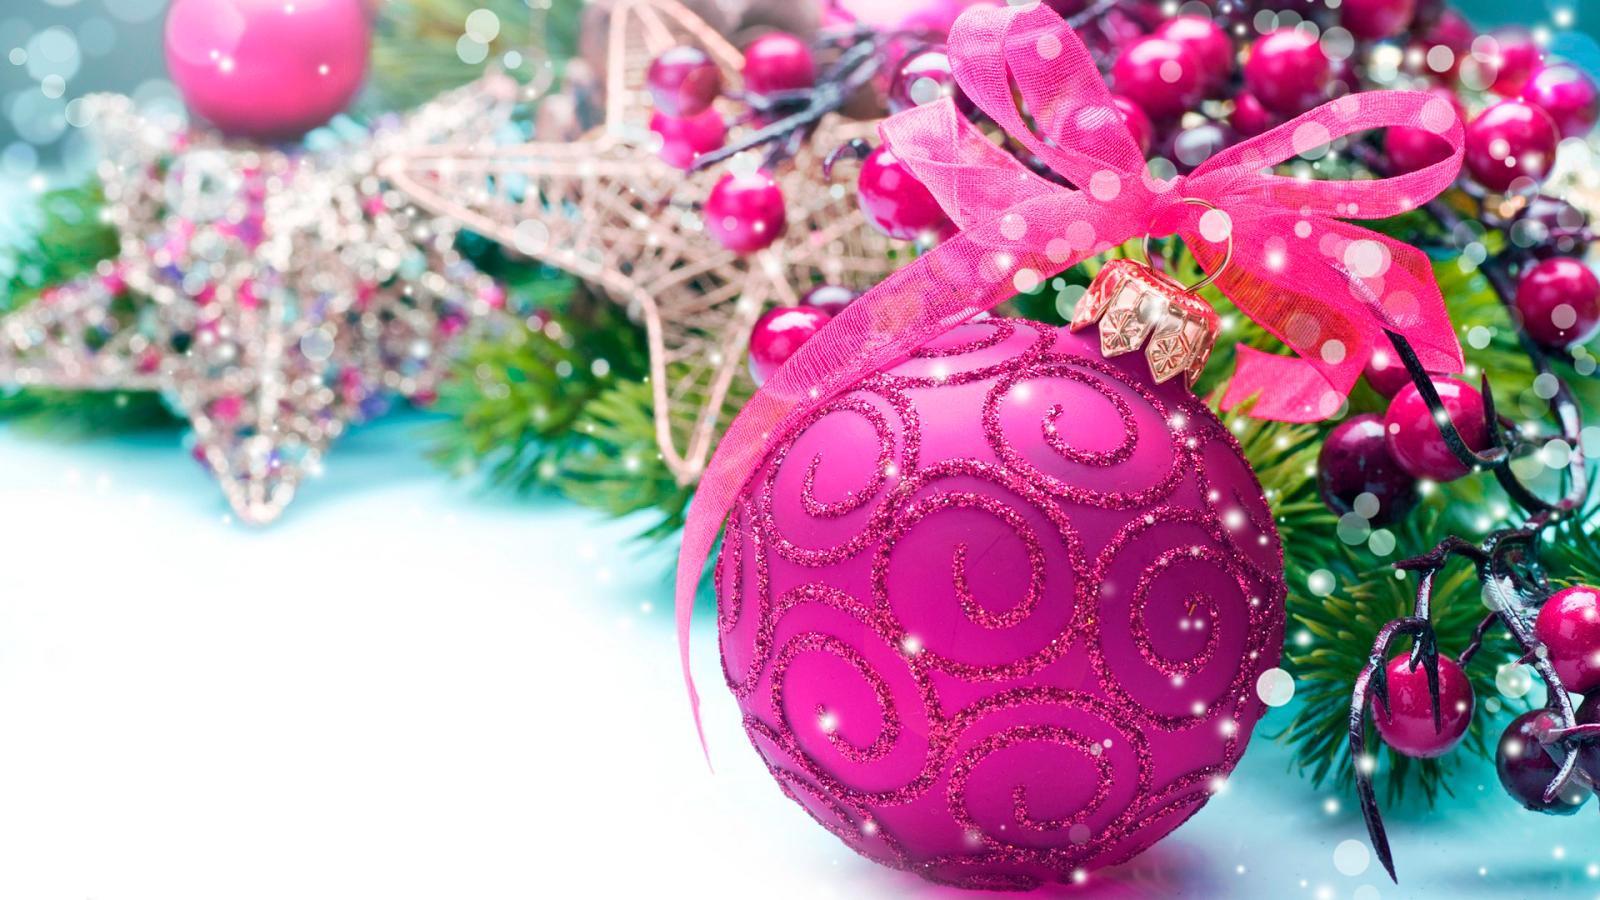 Fondos y postales de navidad fondos de pantalla y mucho m s for Pc in regalo gratis